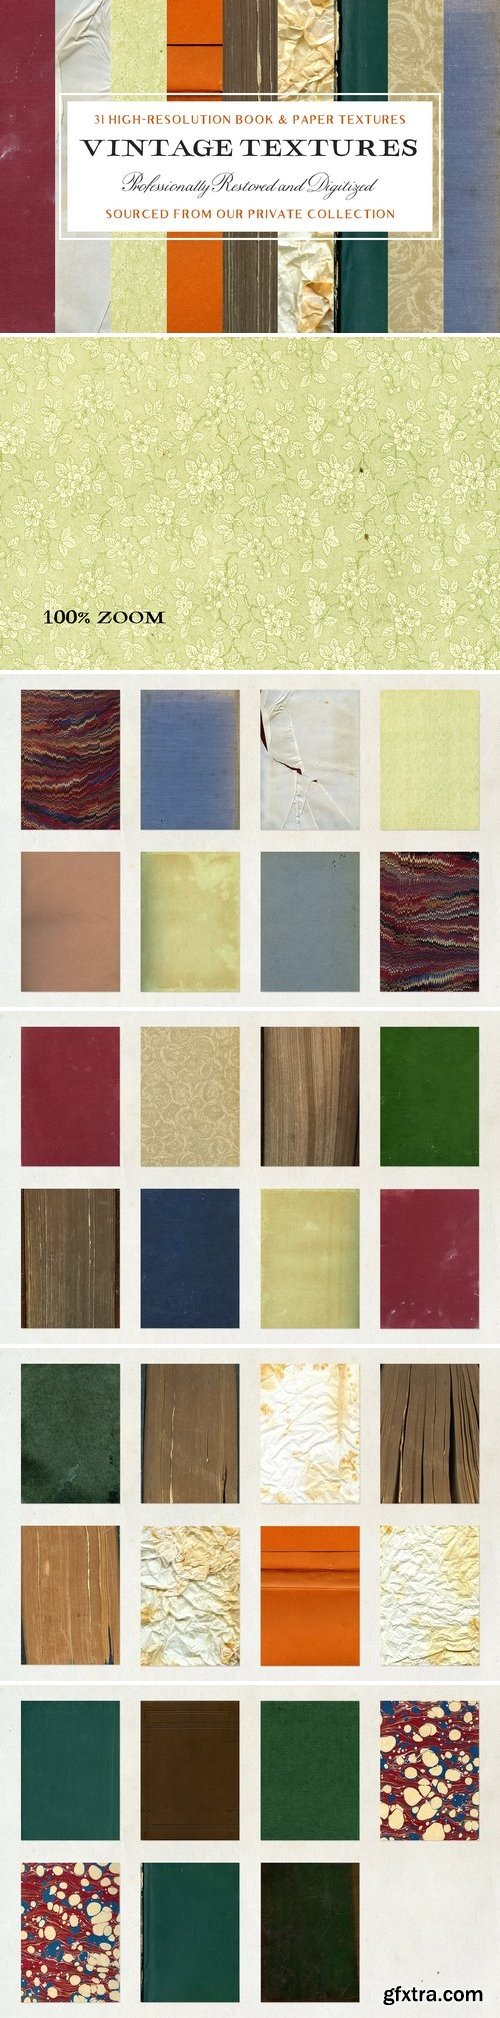 CM - 31 Vintage Book & Paper Textures 1874721